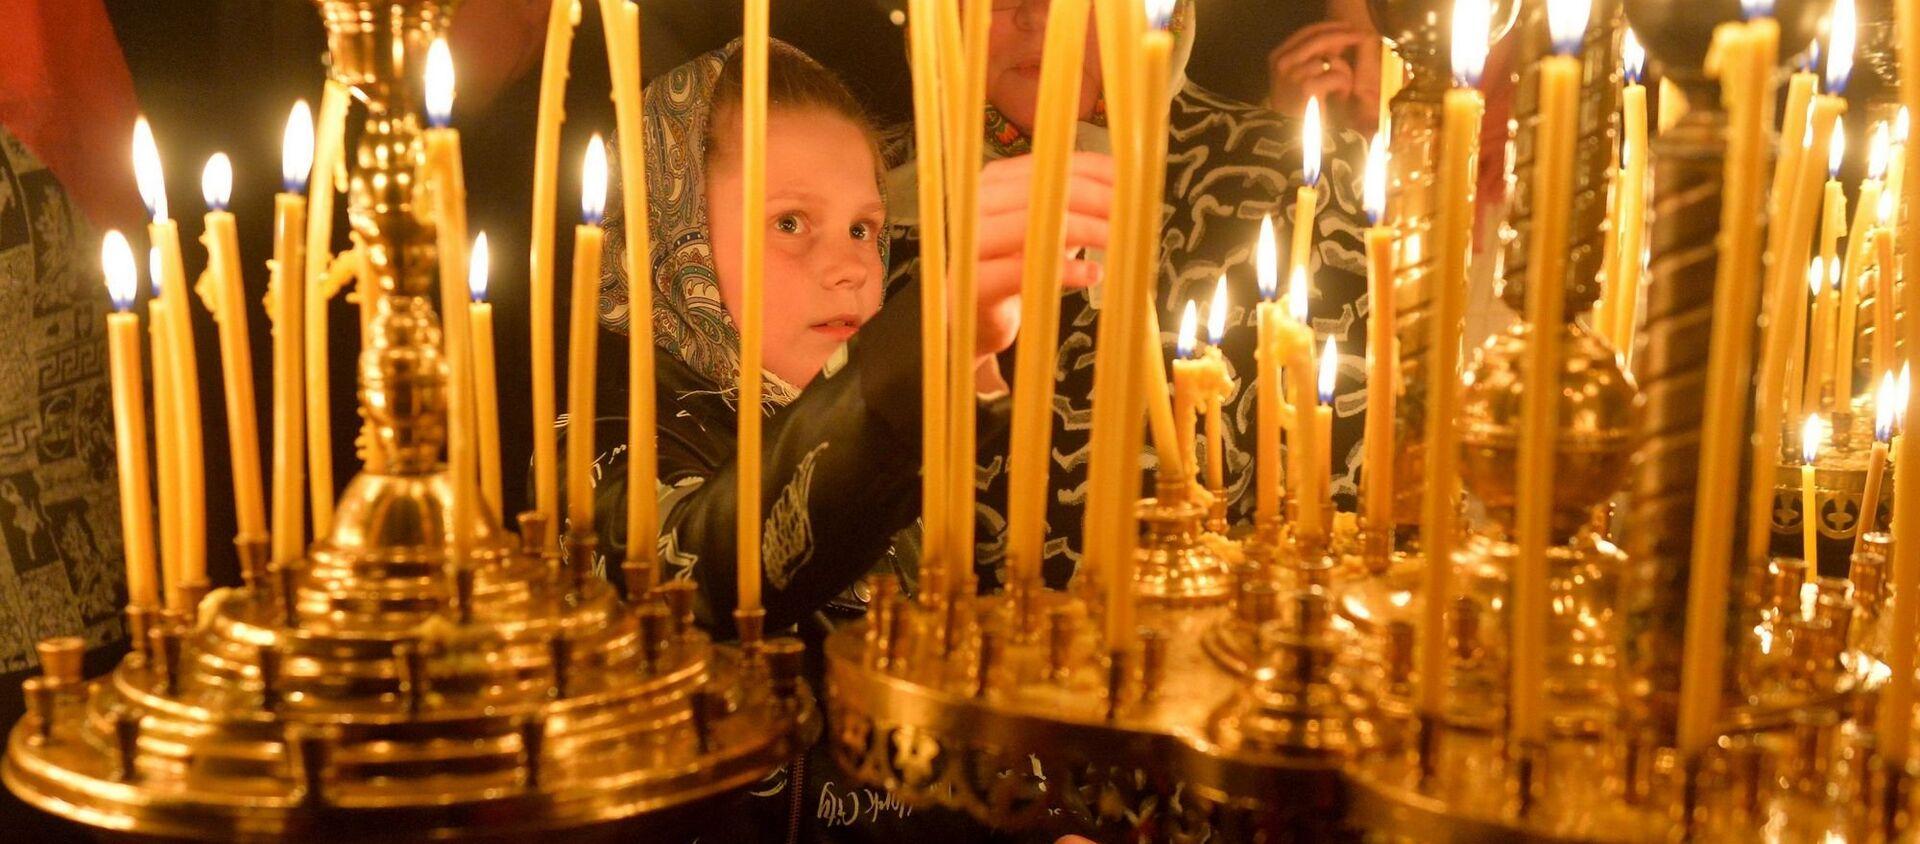 Даже самые маленькие ставят в церквях свечи на пасхальных службах - Sputnik Беларусь, 1920, 15.03.2021